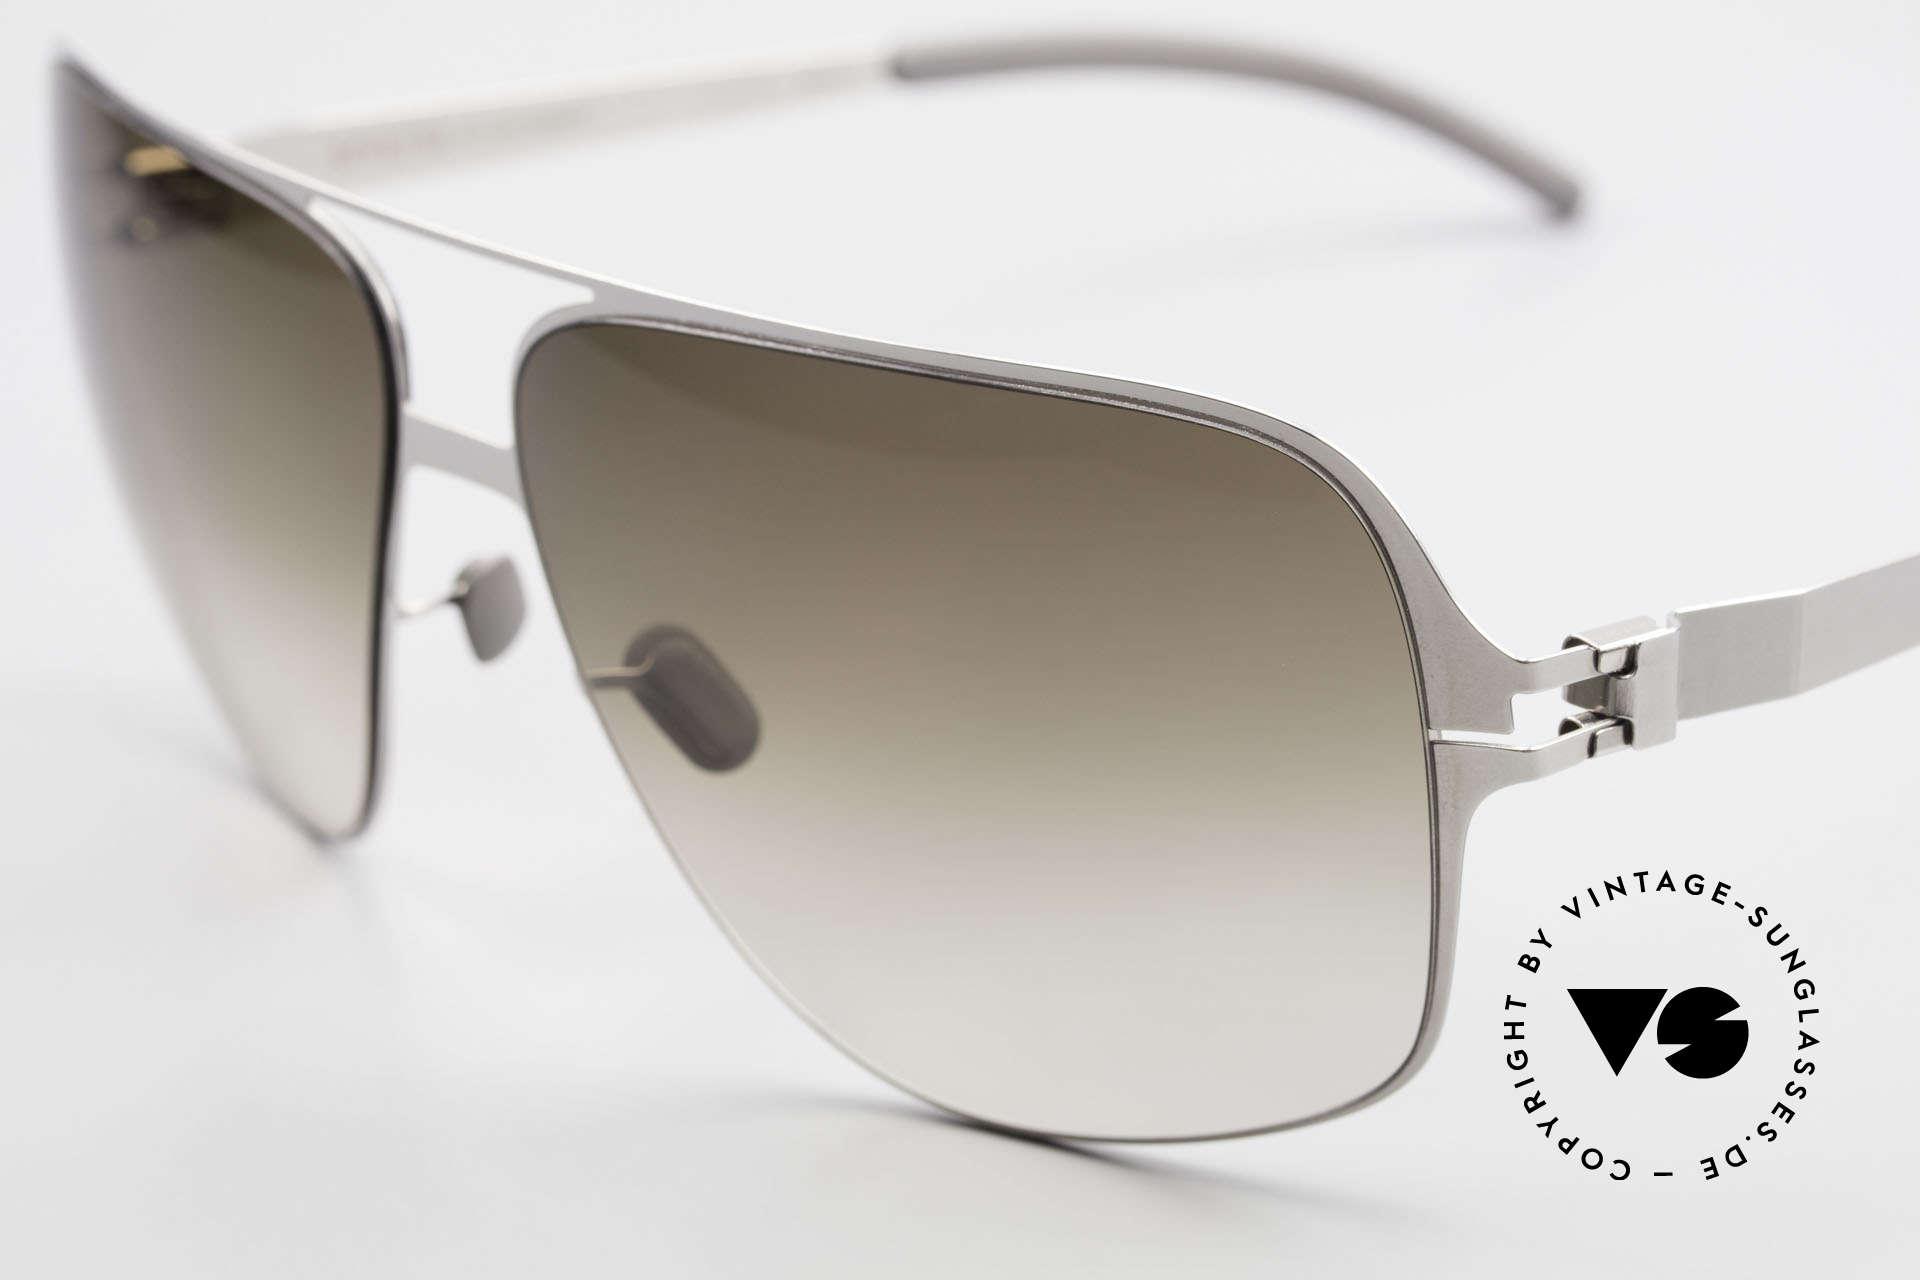 Mykita Cassius Lenny Kravitz Sonnenbrille XXL, innovativ flexible Metallfassung in XXL (150mm Breite), Passend für Herren